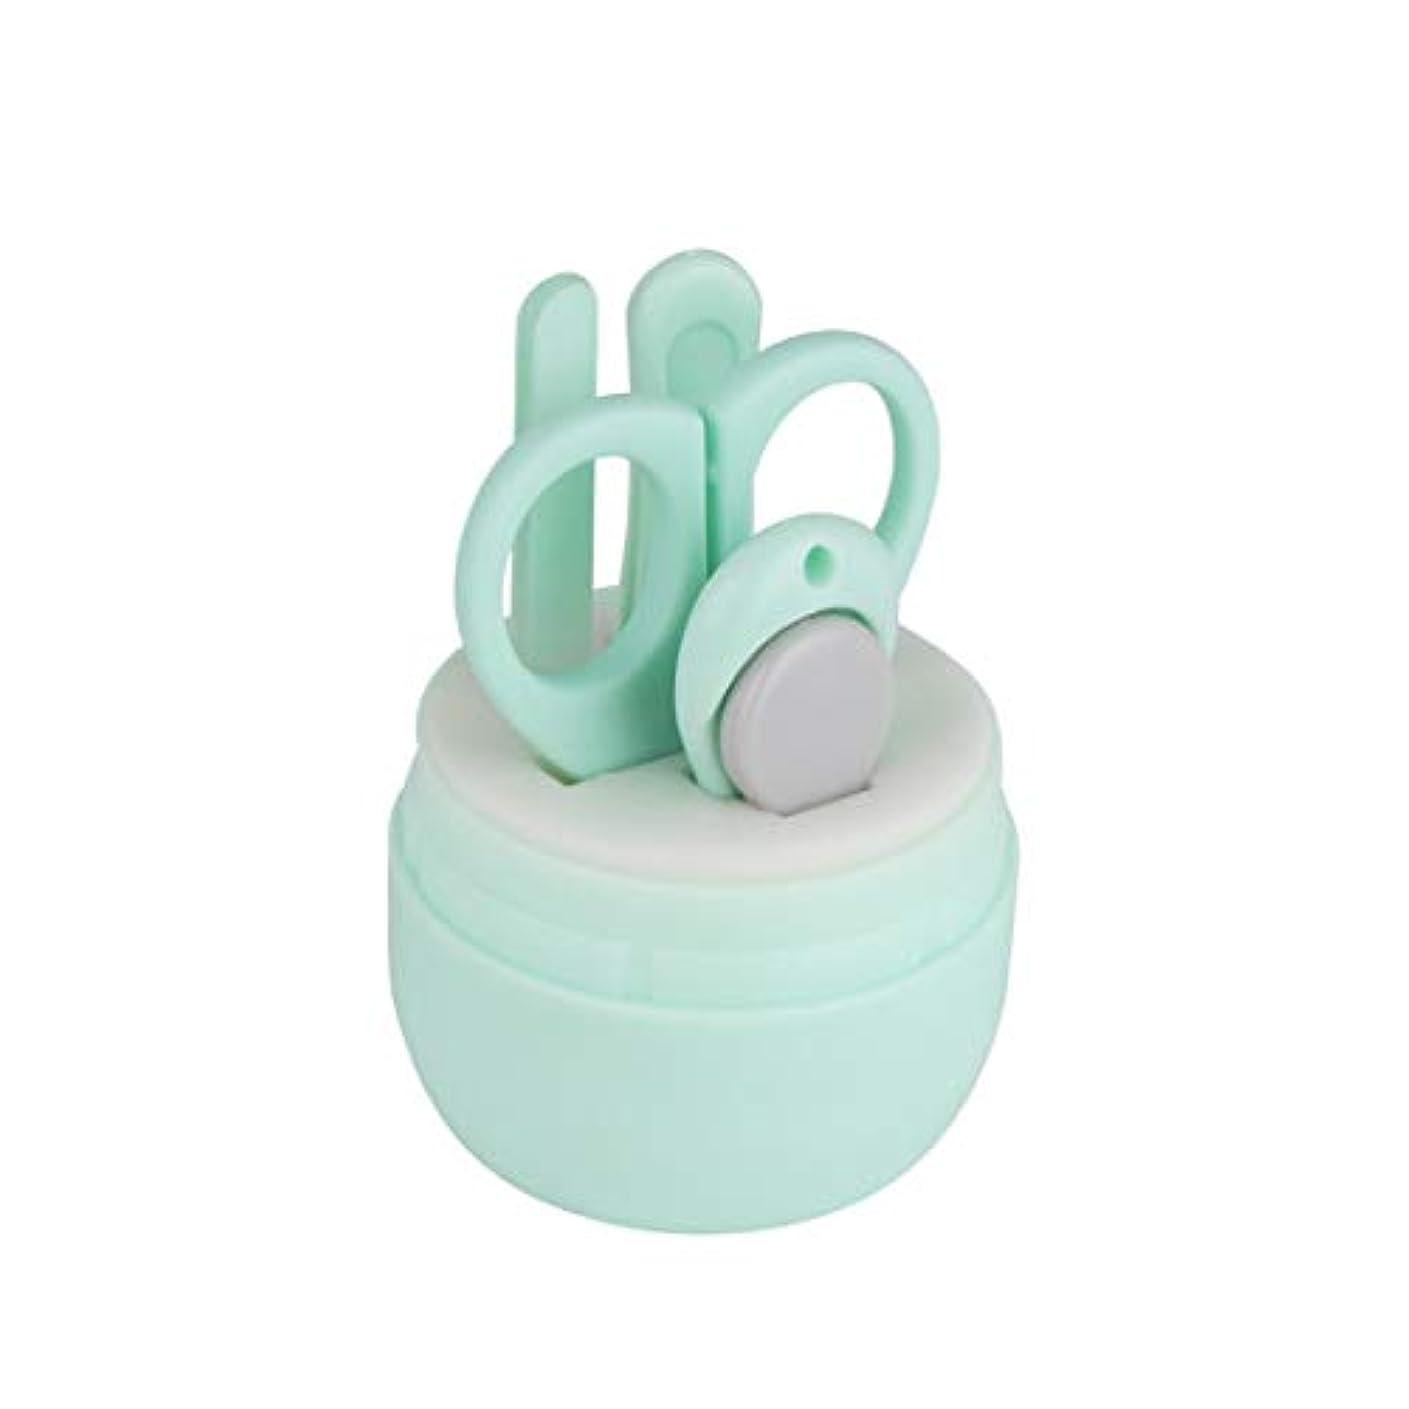 意気揚々唇航空会社Kerwinner 漫画くまの爪切りステンレス鋼の赤ん坊の釘用具セット赤ん坊の美用具セット4赤ん坊のマニキュア用具、各パックのための1 (Color : Green)